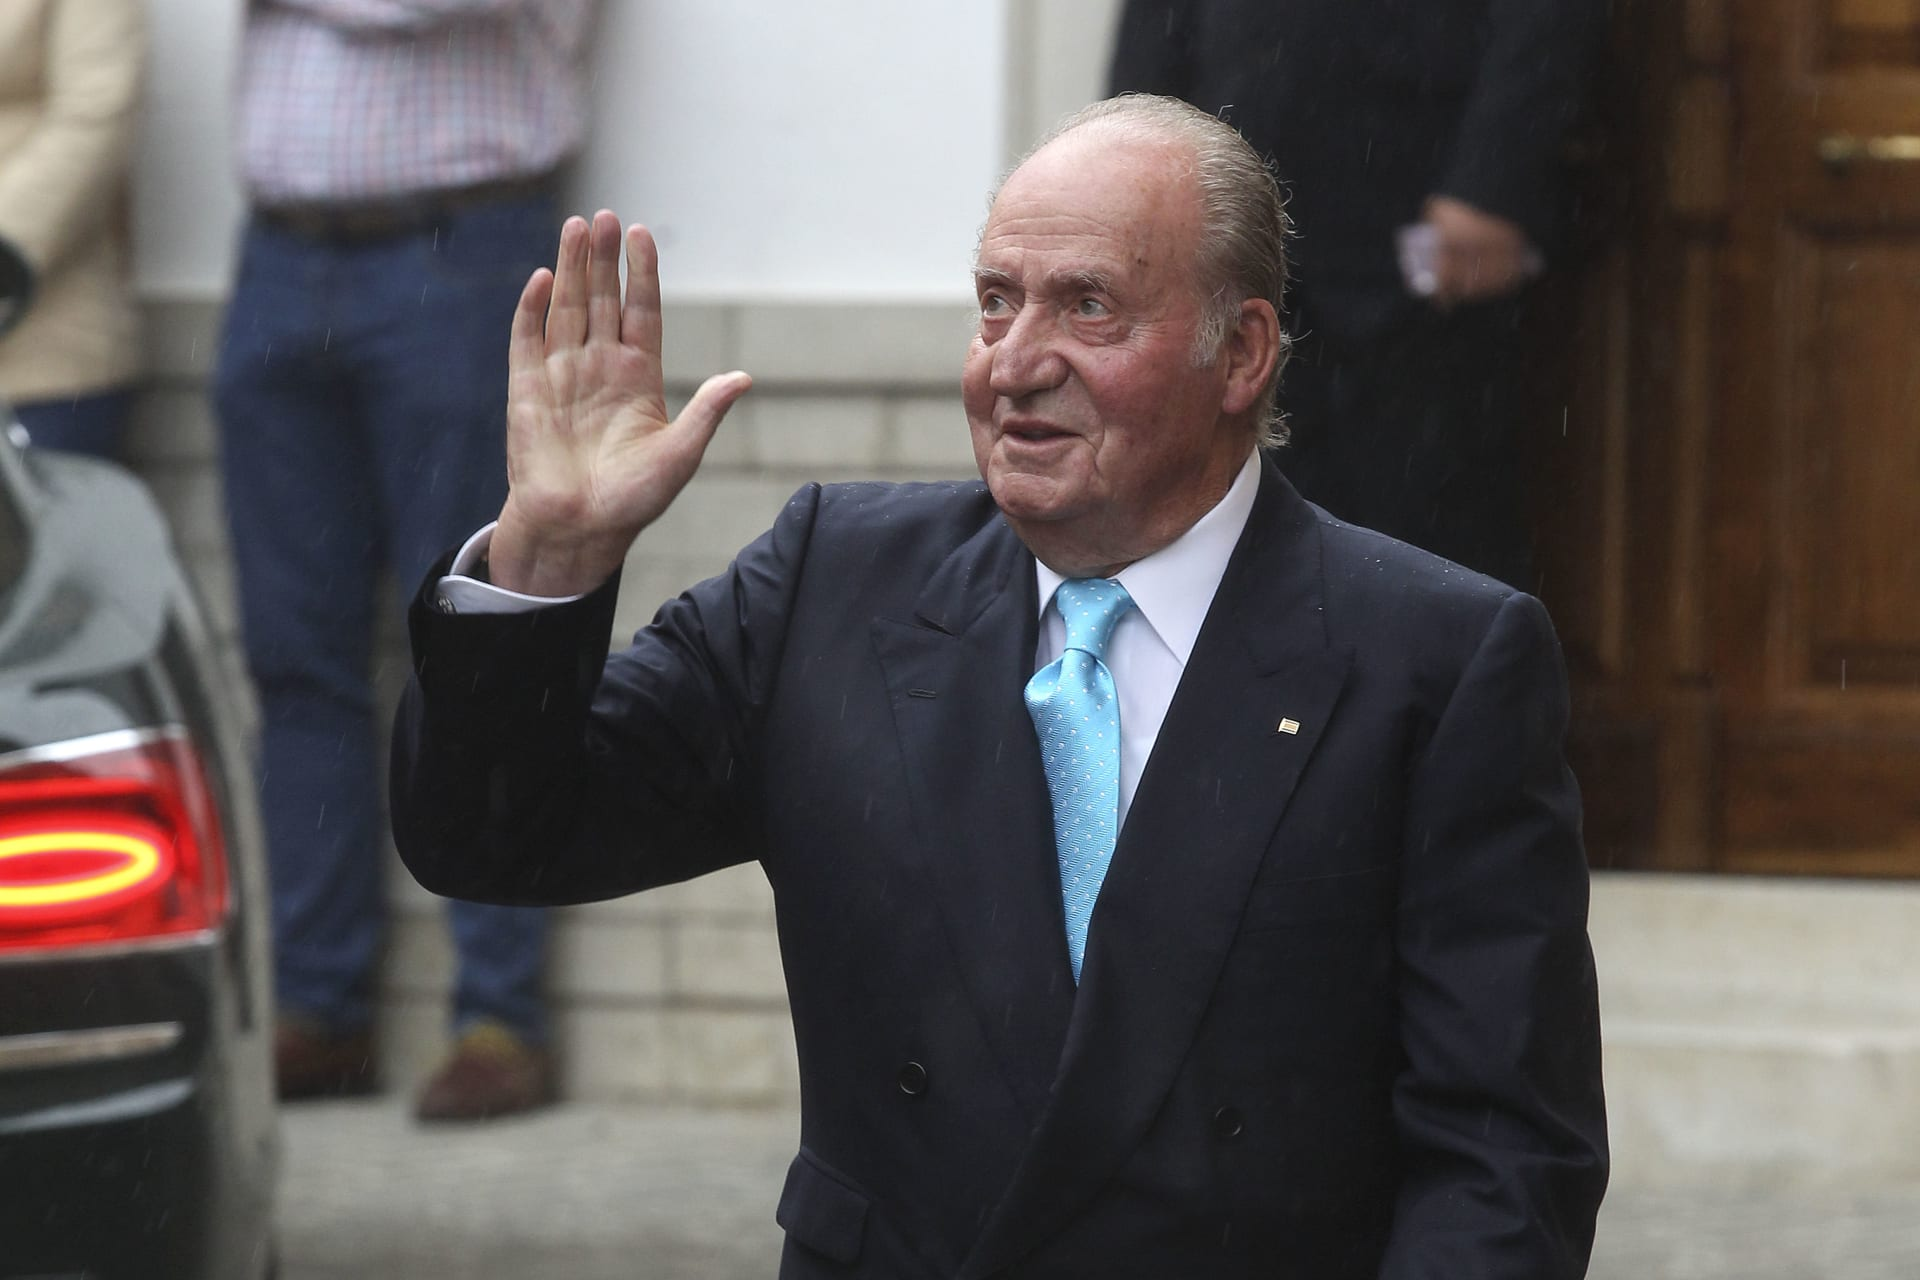 البيت الملكي: ملك إسبانيا السابق خوان كارلوس في الإمارات منذ 3 أغسطس